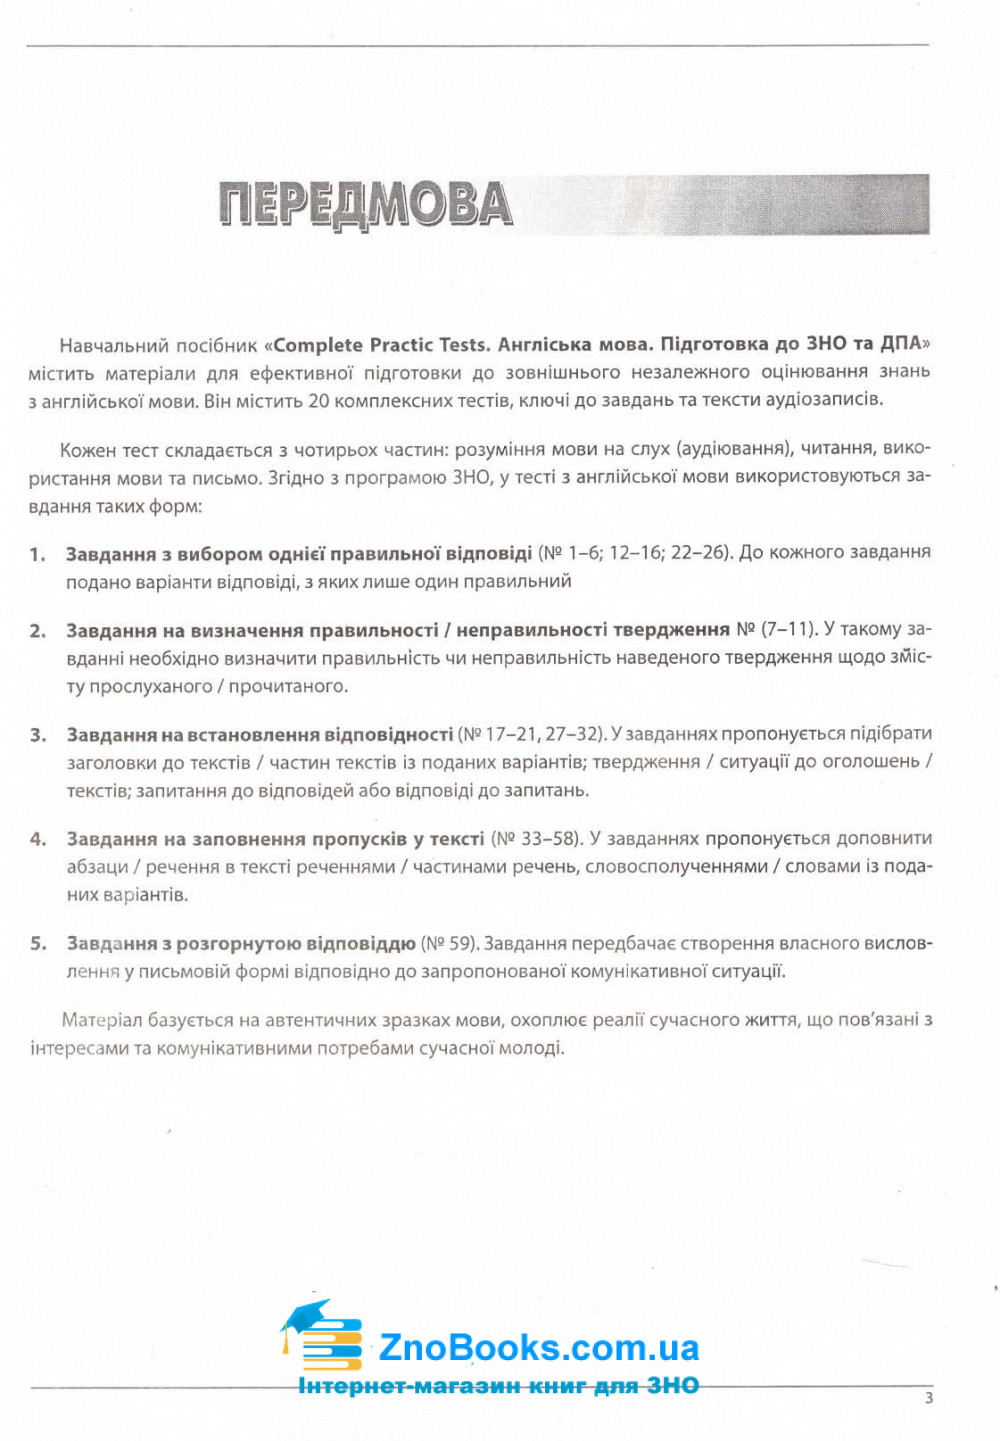 ЗНО 2020 Англійська мова. Complete Practice Test : Євчук О., Доценко І. Абетка купити 3